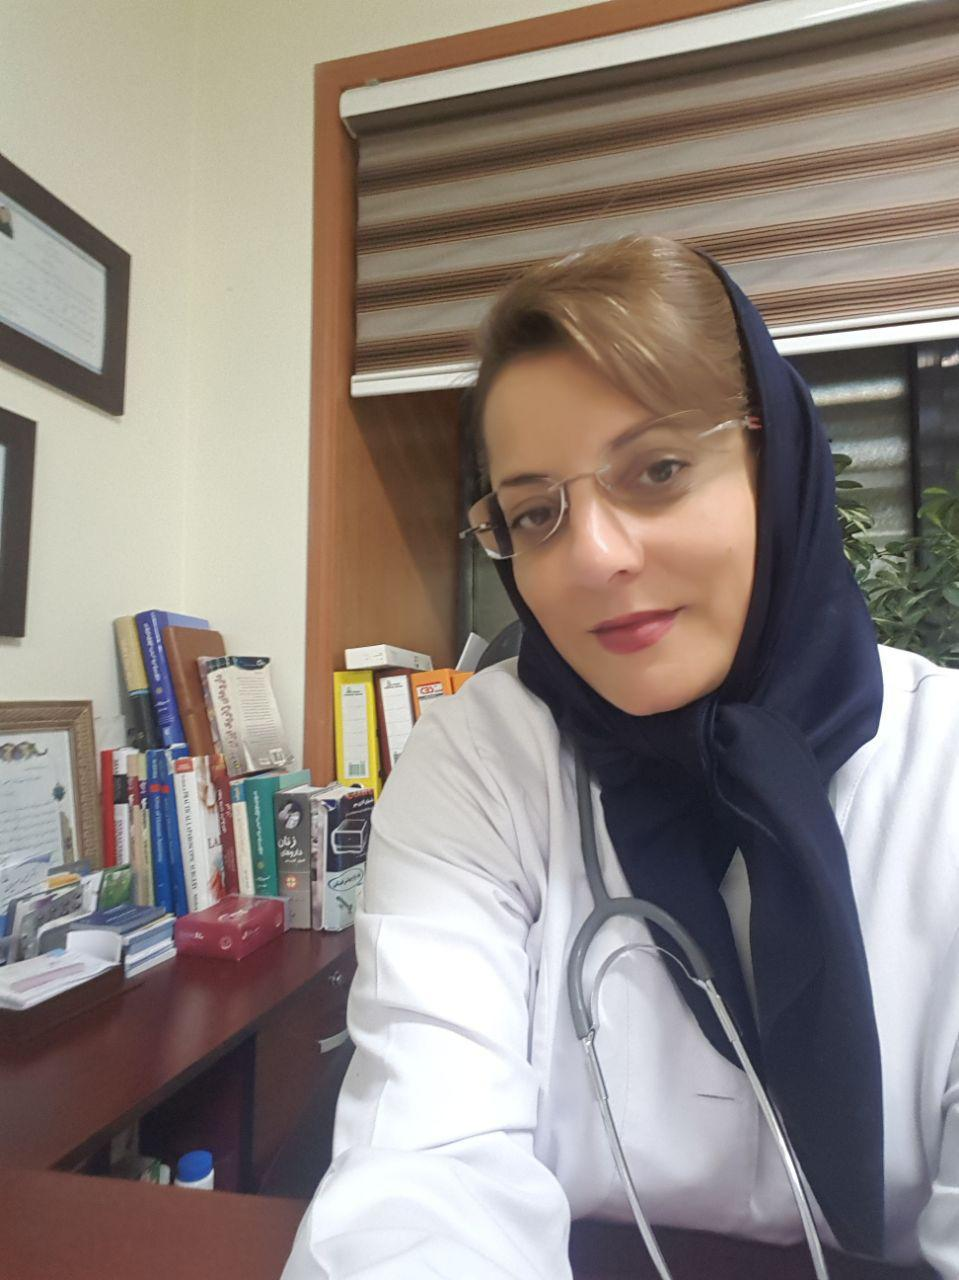 تصویر دکتر سارا منصوریان